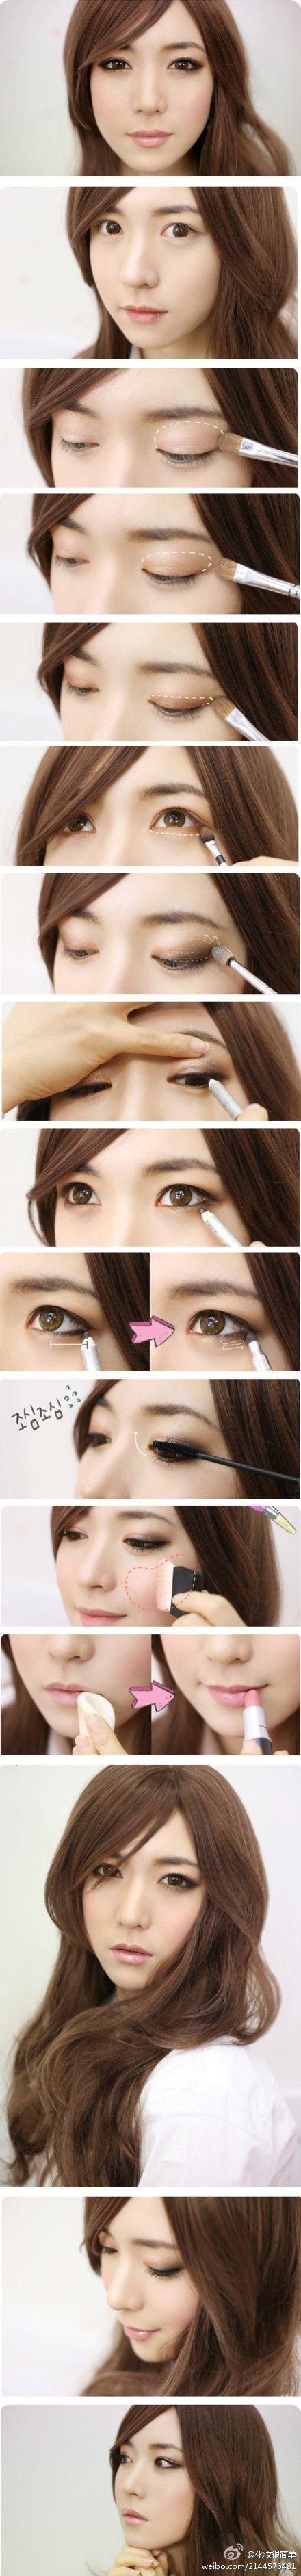 natural asian makeup by kelly.meli